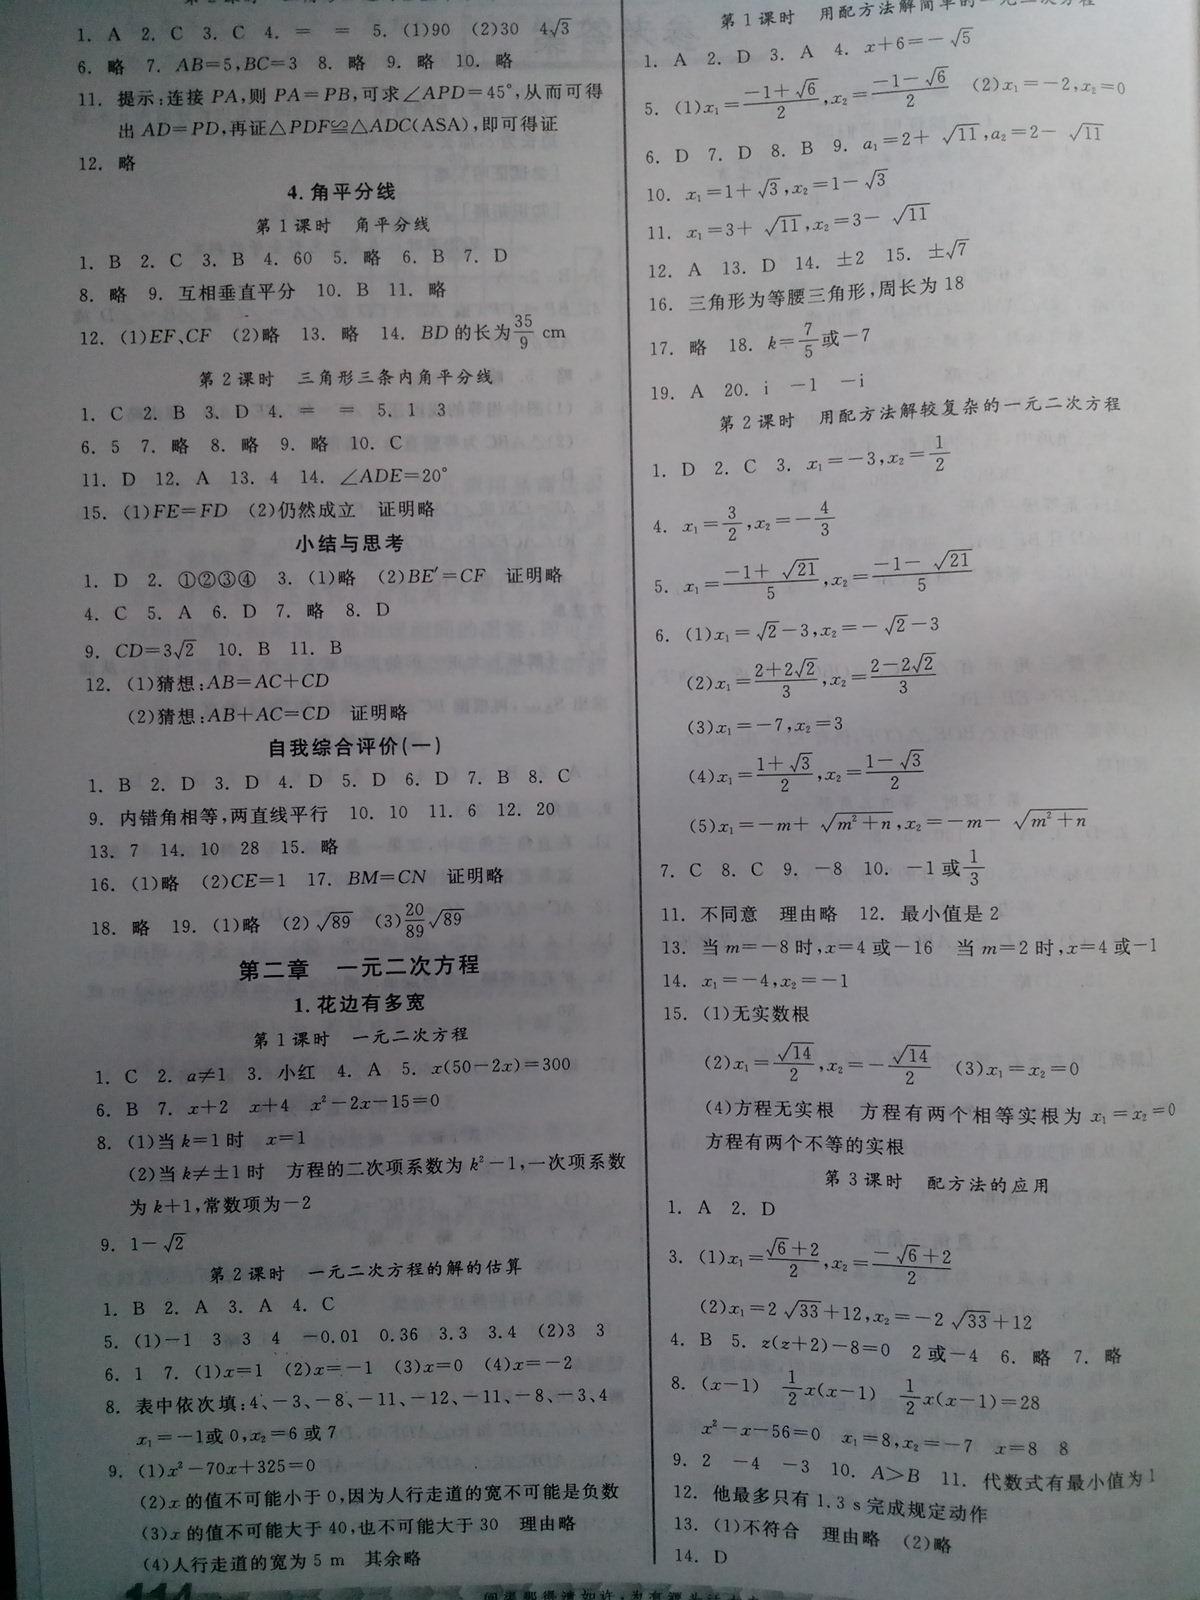 数学北师大九年级上册全品作业本答案图片-九年级上科学作业本答案